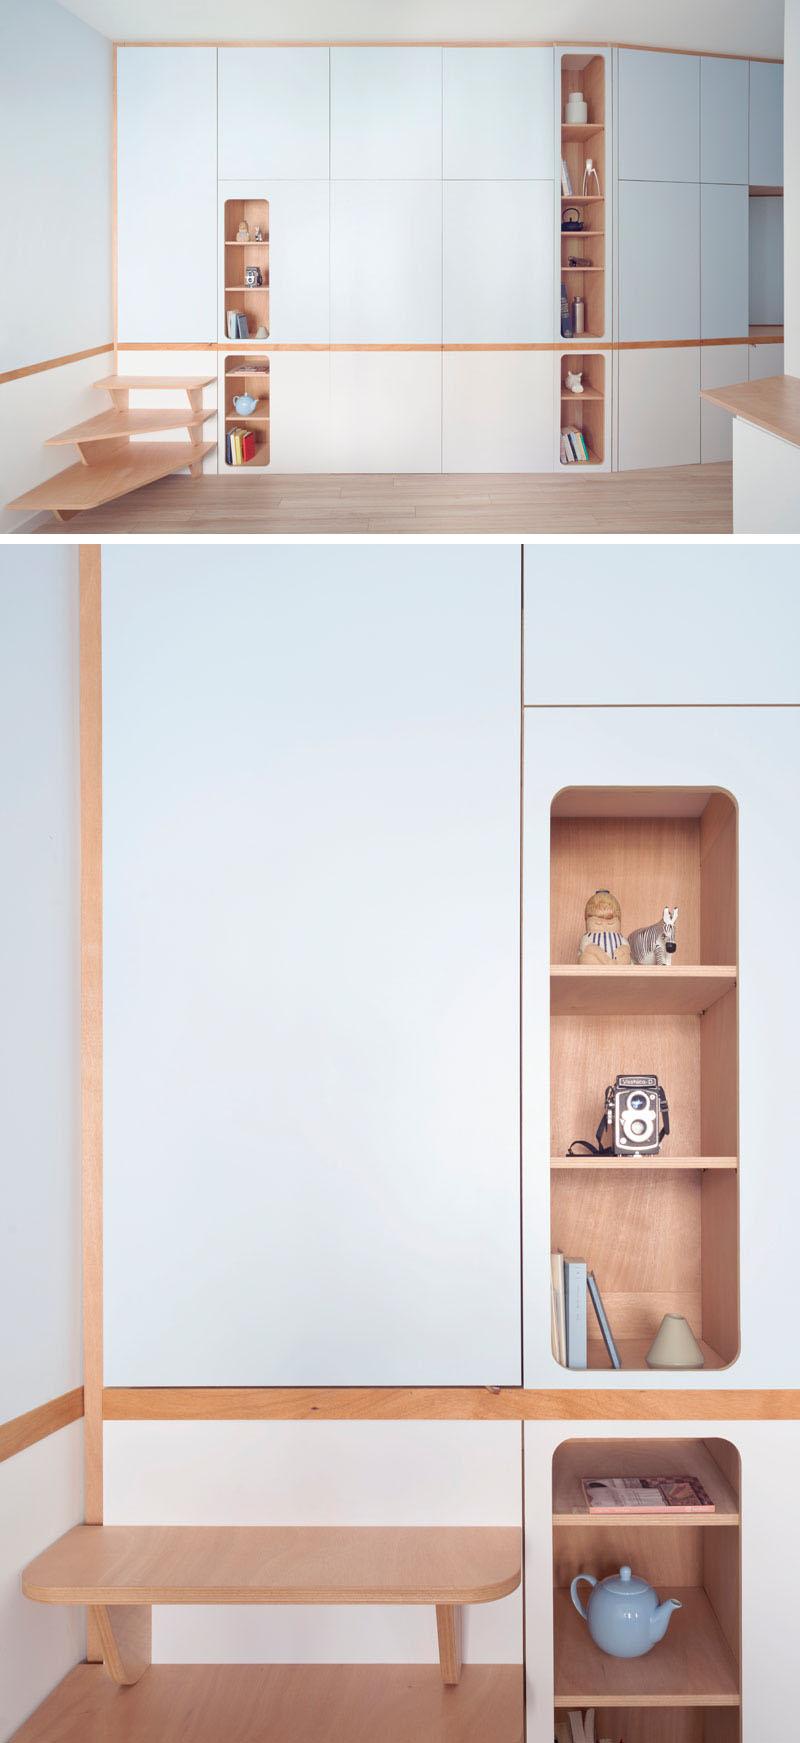 small-studio-apartment-interior-design-180118-1245-04